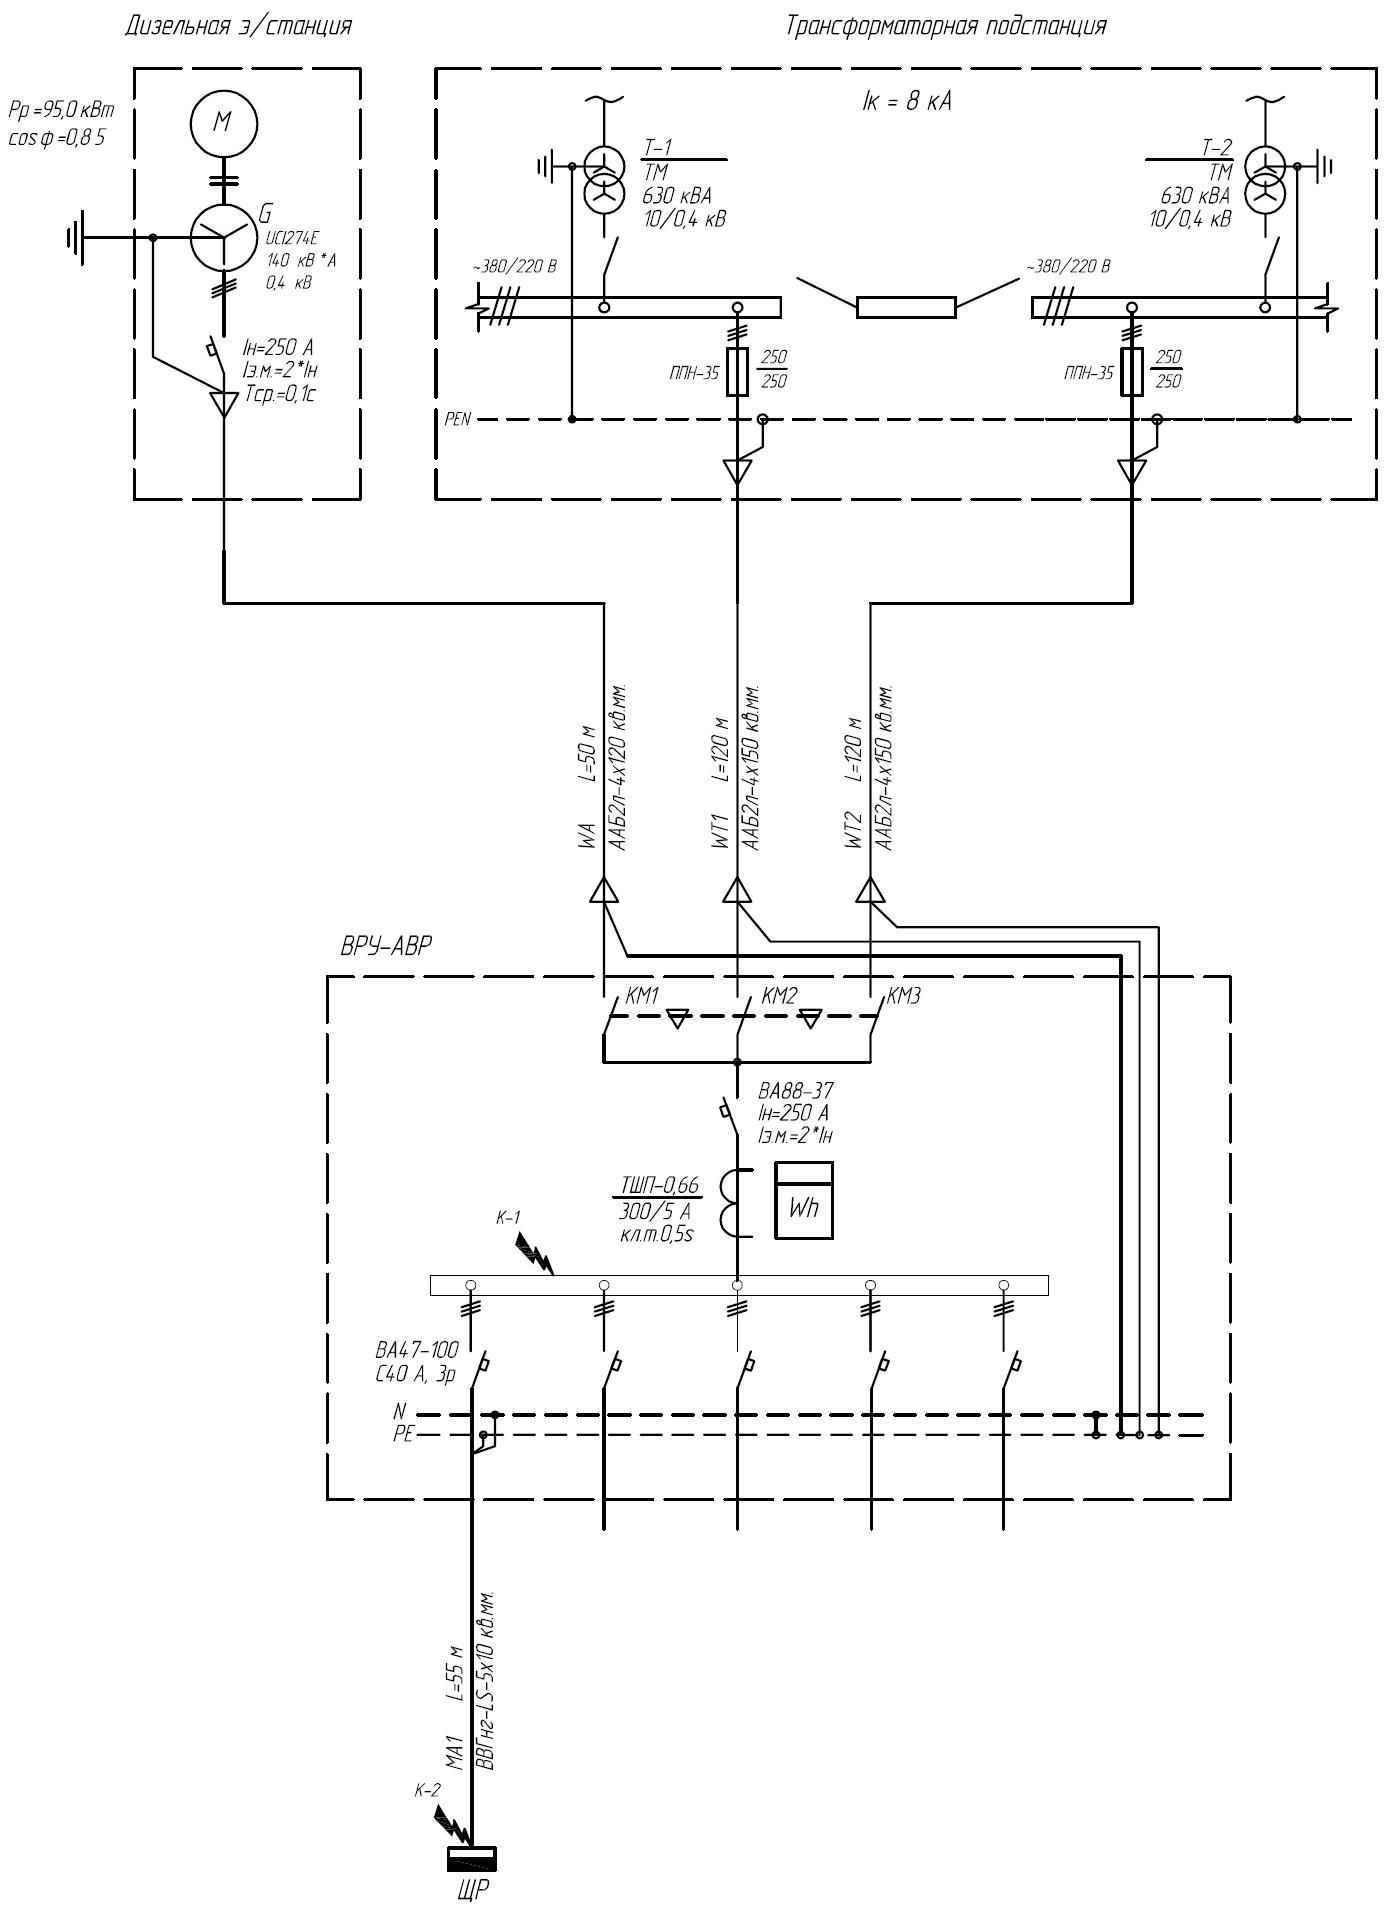 Рис.1. Принципиальная электрическая схема